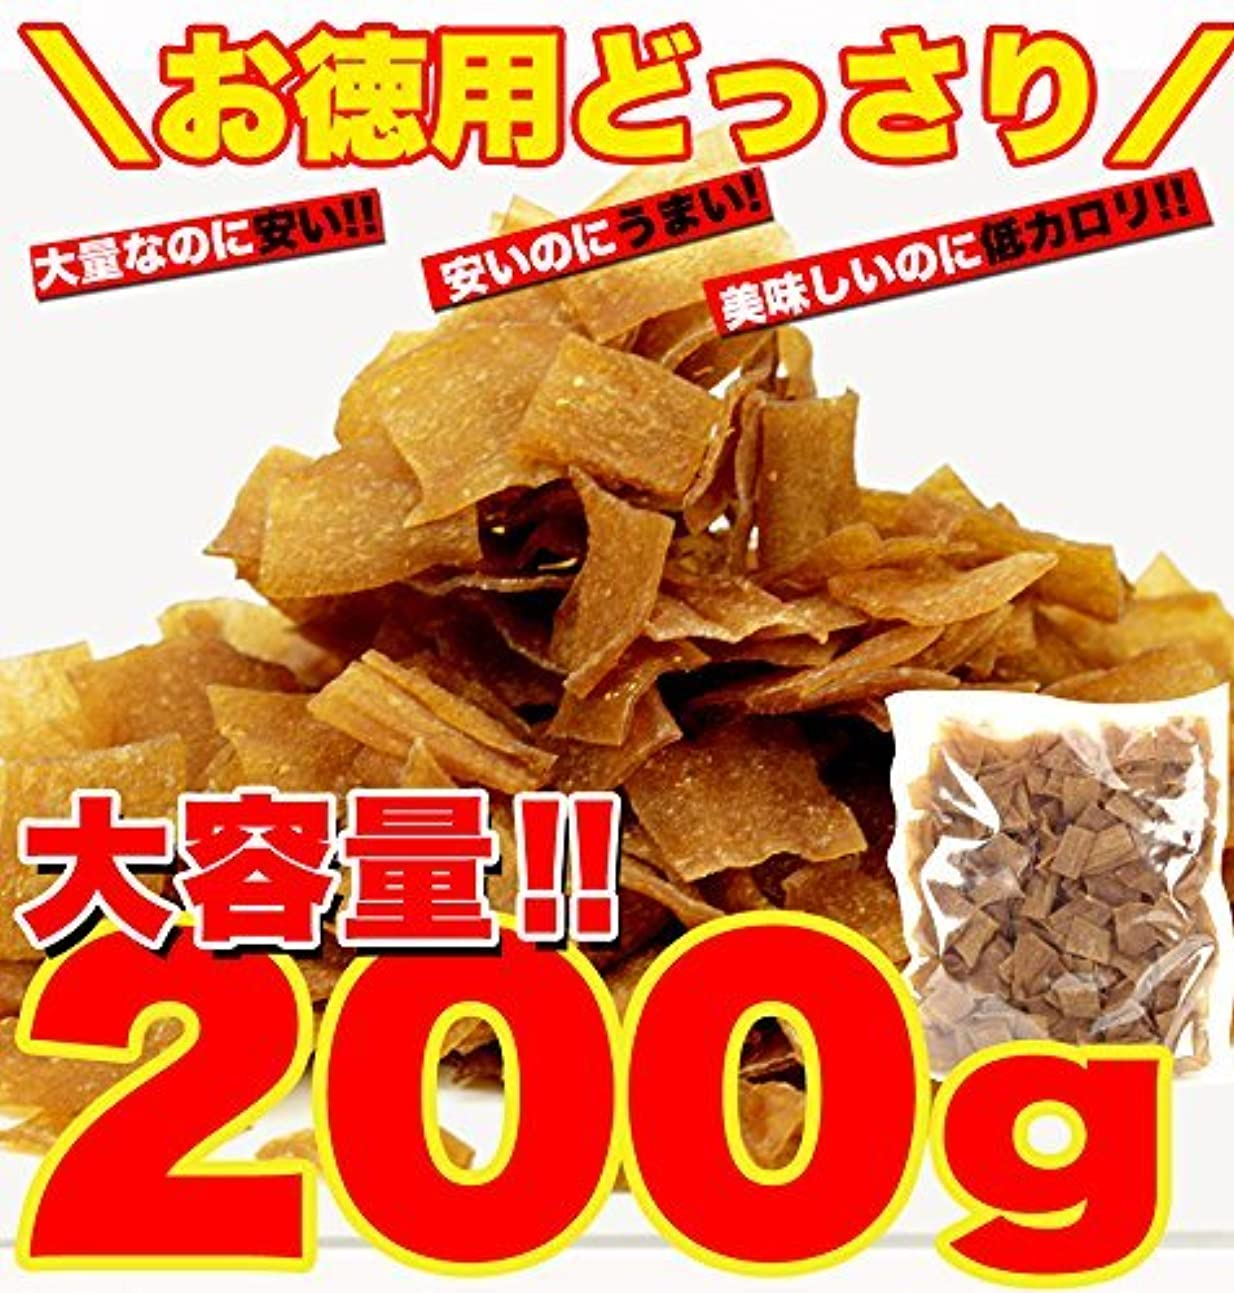 禁輸ずっと空白国産こんにゃく使用!!群馬県下仁田のこんにゃくの名店が作るこだわりの「こんにゃくチップ」です!  お徳用☆ダイエットこんにゃくチップ200g